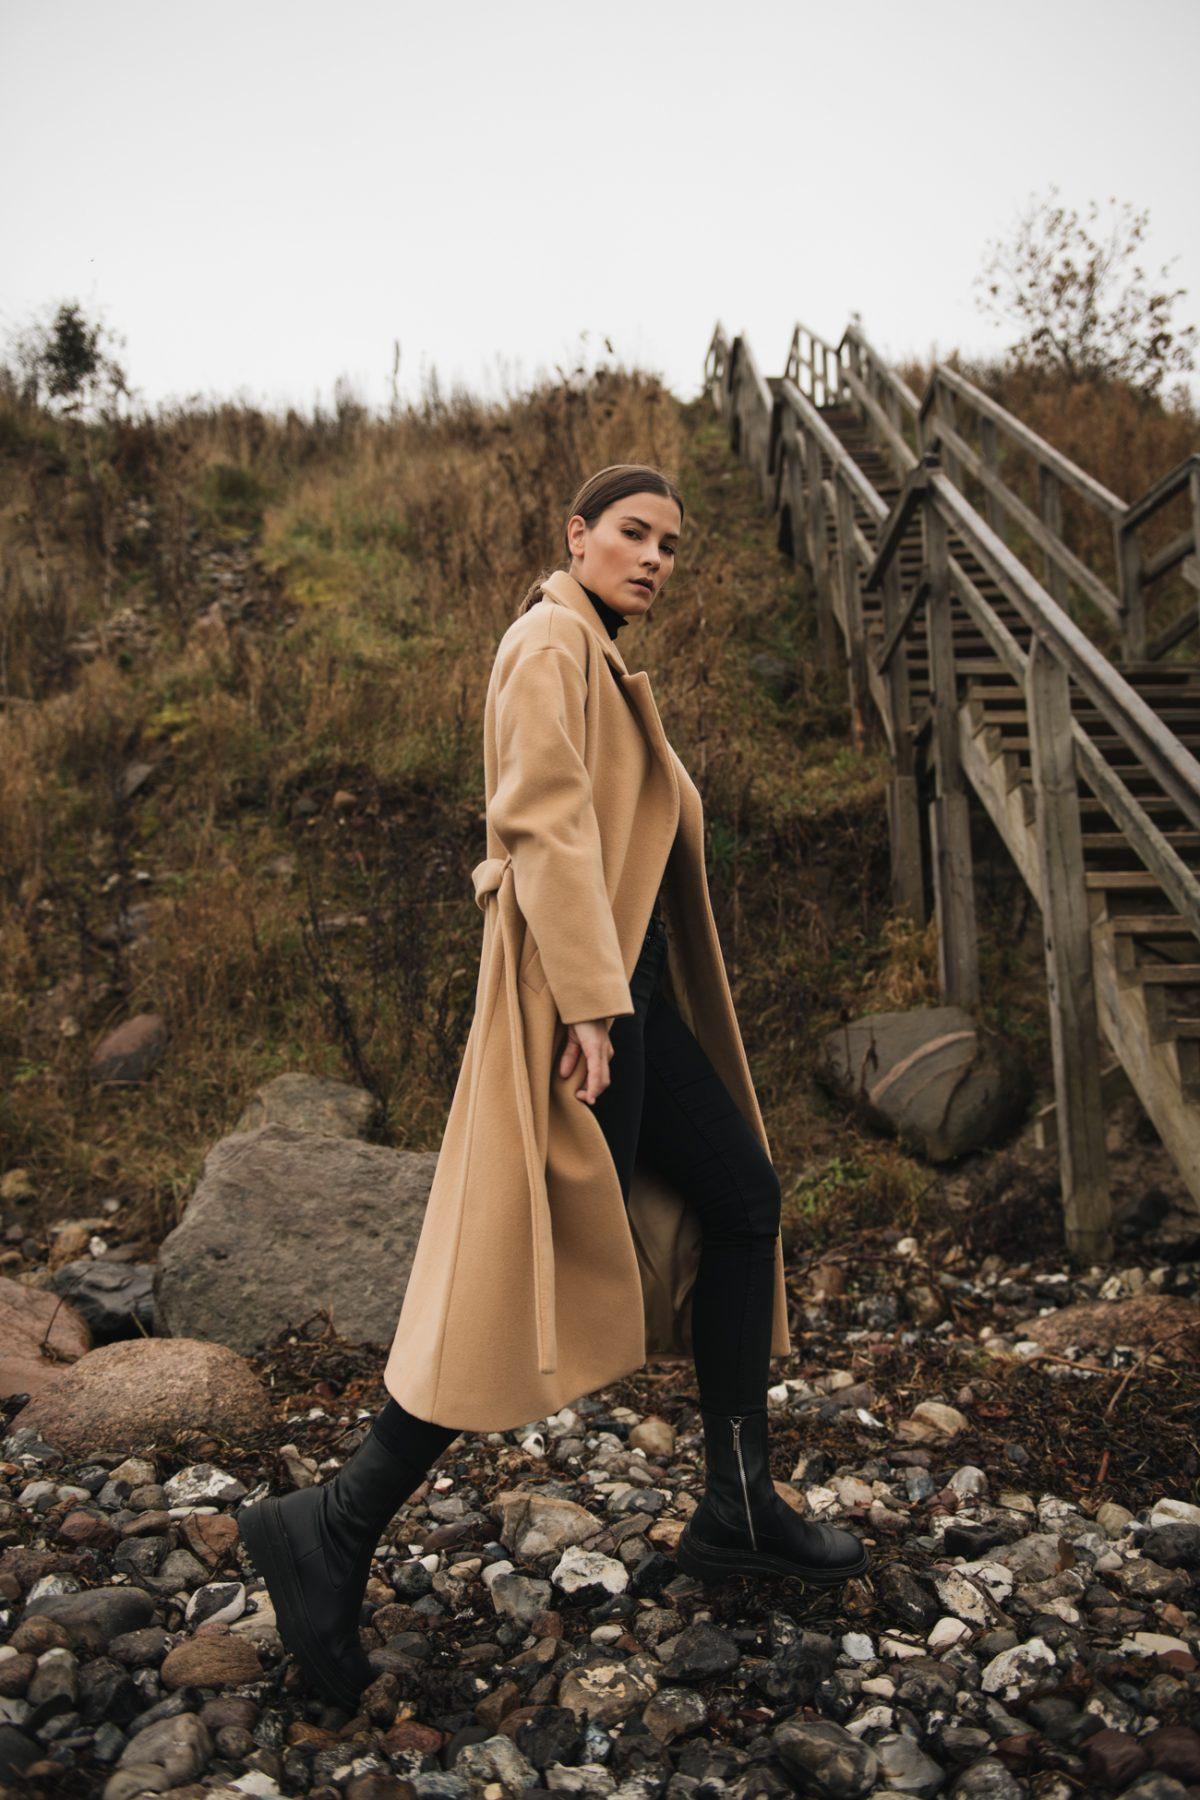 Fashion Forecast: Das sind die 7 wichtigsten Modetrends Herbst/Winter 2021/22